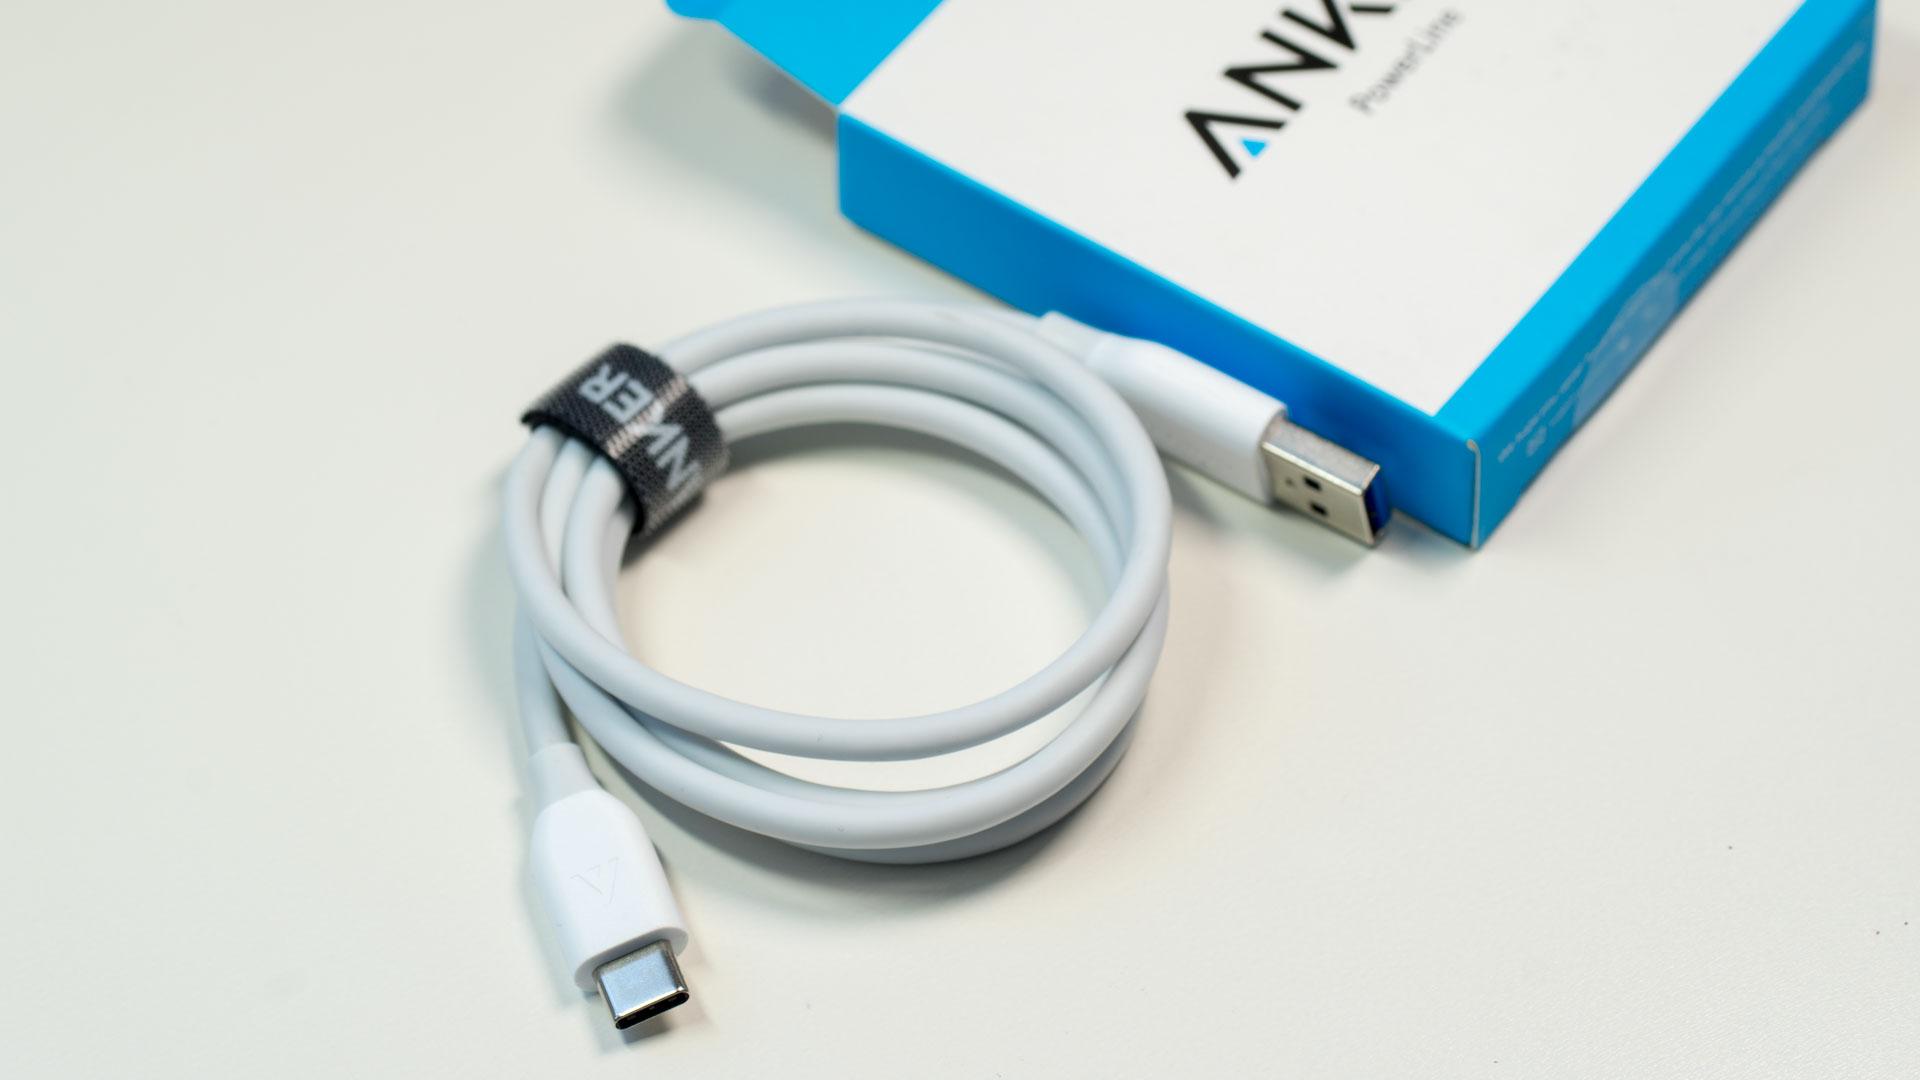 10 Usb C Kabel Im Test Welches Ist Das Beste Typ Techtest Male To 30cm High Quality 9 Ladekabel 11